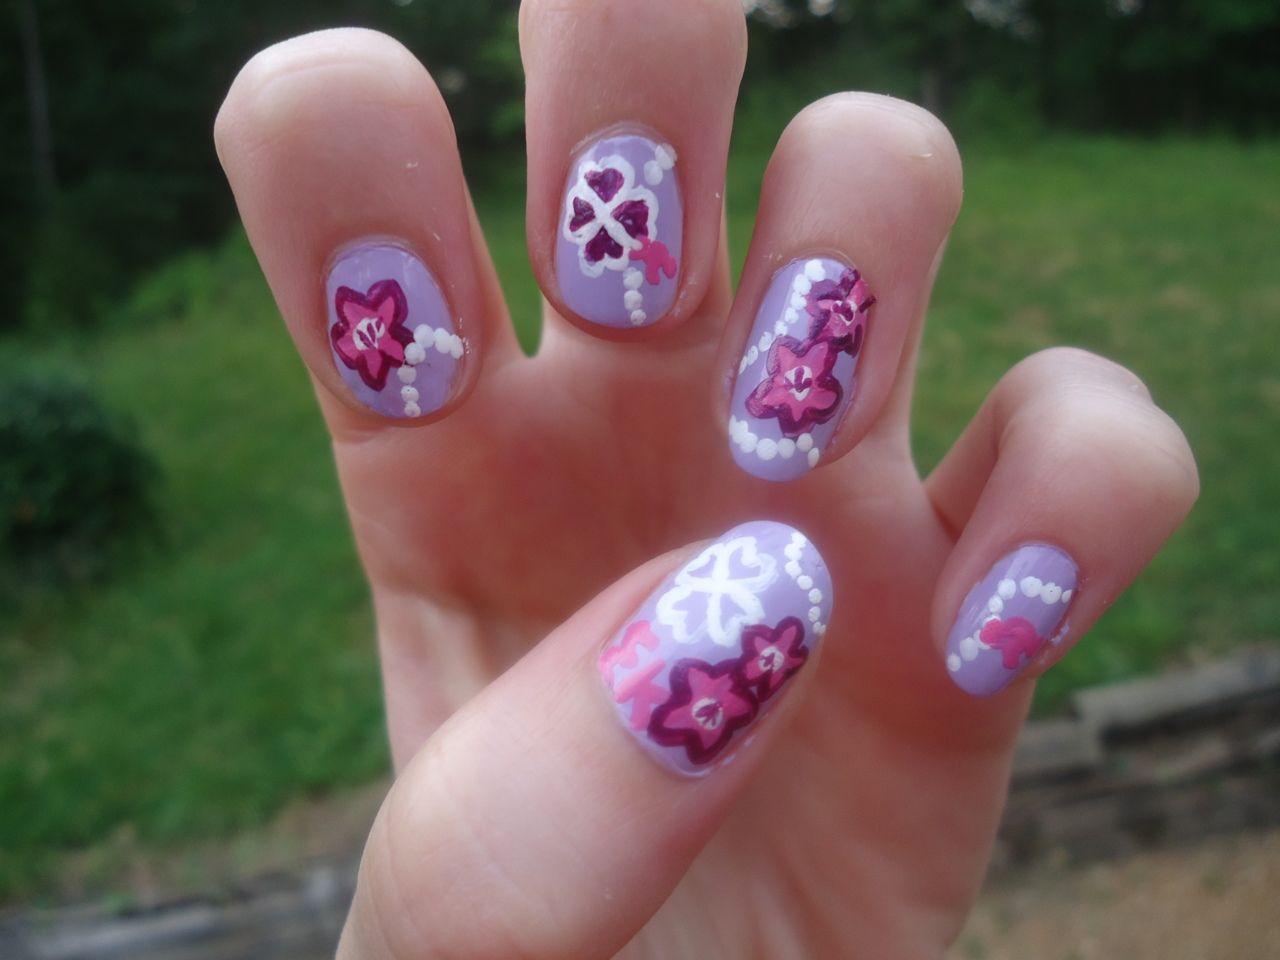 Sigma Kappa Lilly nails!